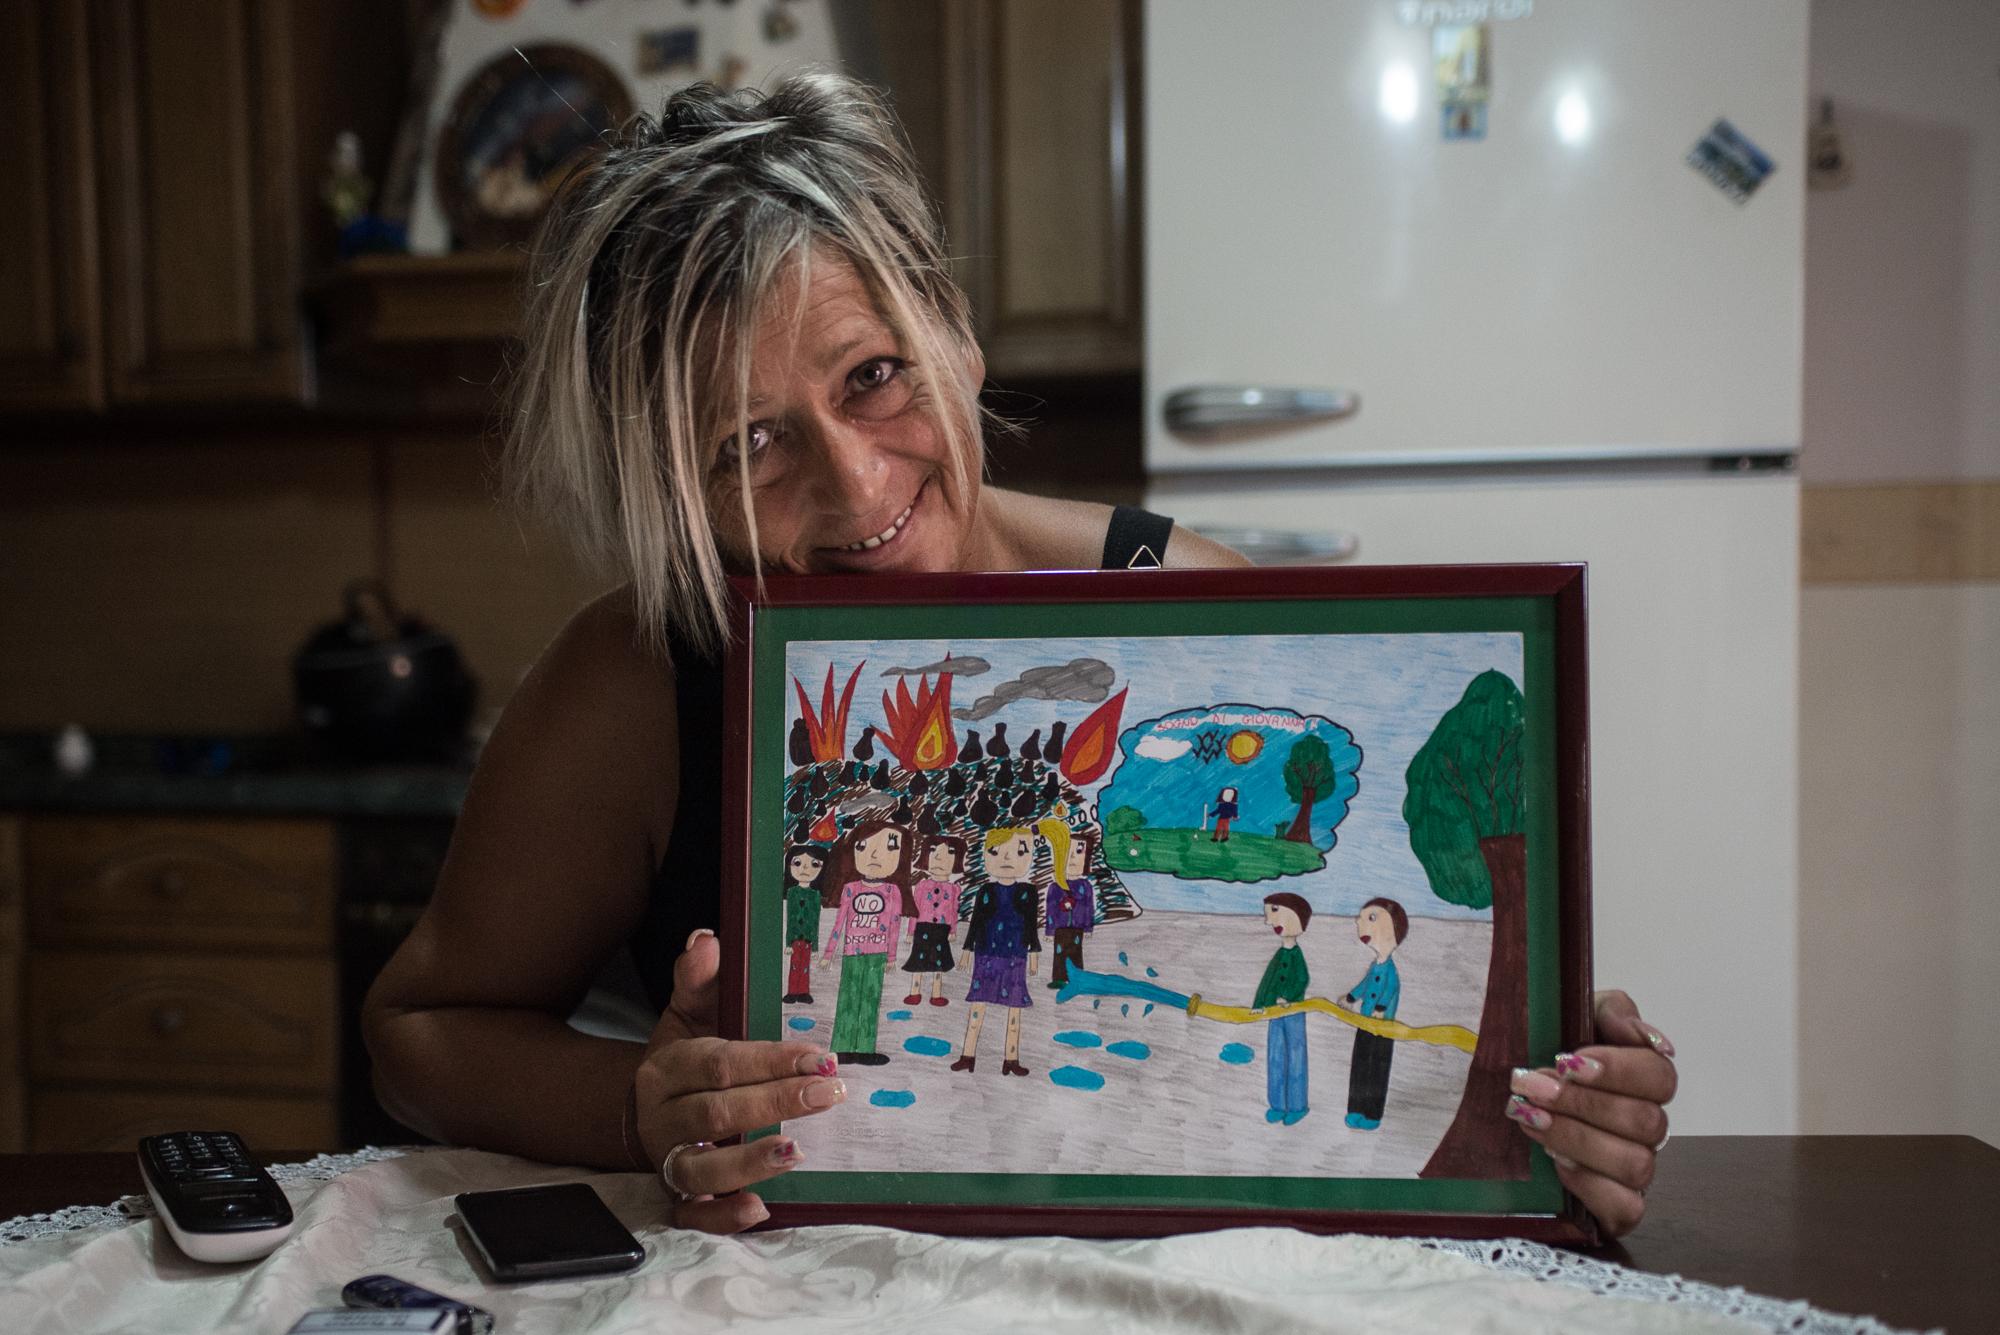 Pianura, (NA), 2015. Giovanna, 45 anni, residente a Napoli, nel quartiere di Pianura. Reduce da diverse patologie tumorali sconfitte e con altre patologie in via di sviluppo, mostra un disegno degli alunni della scuola elementare in cui ha lavorato.